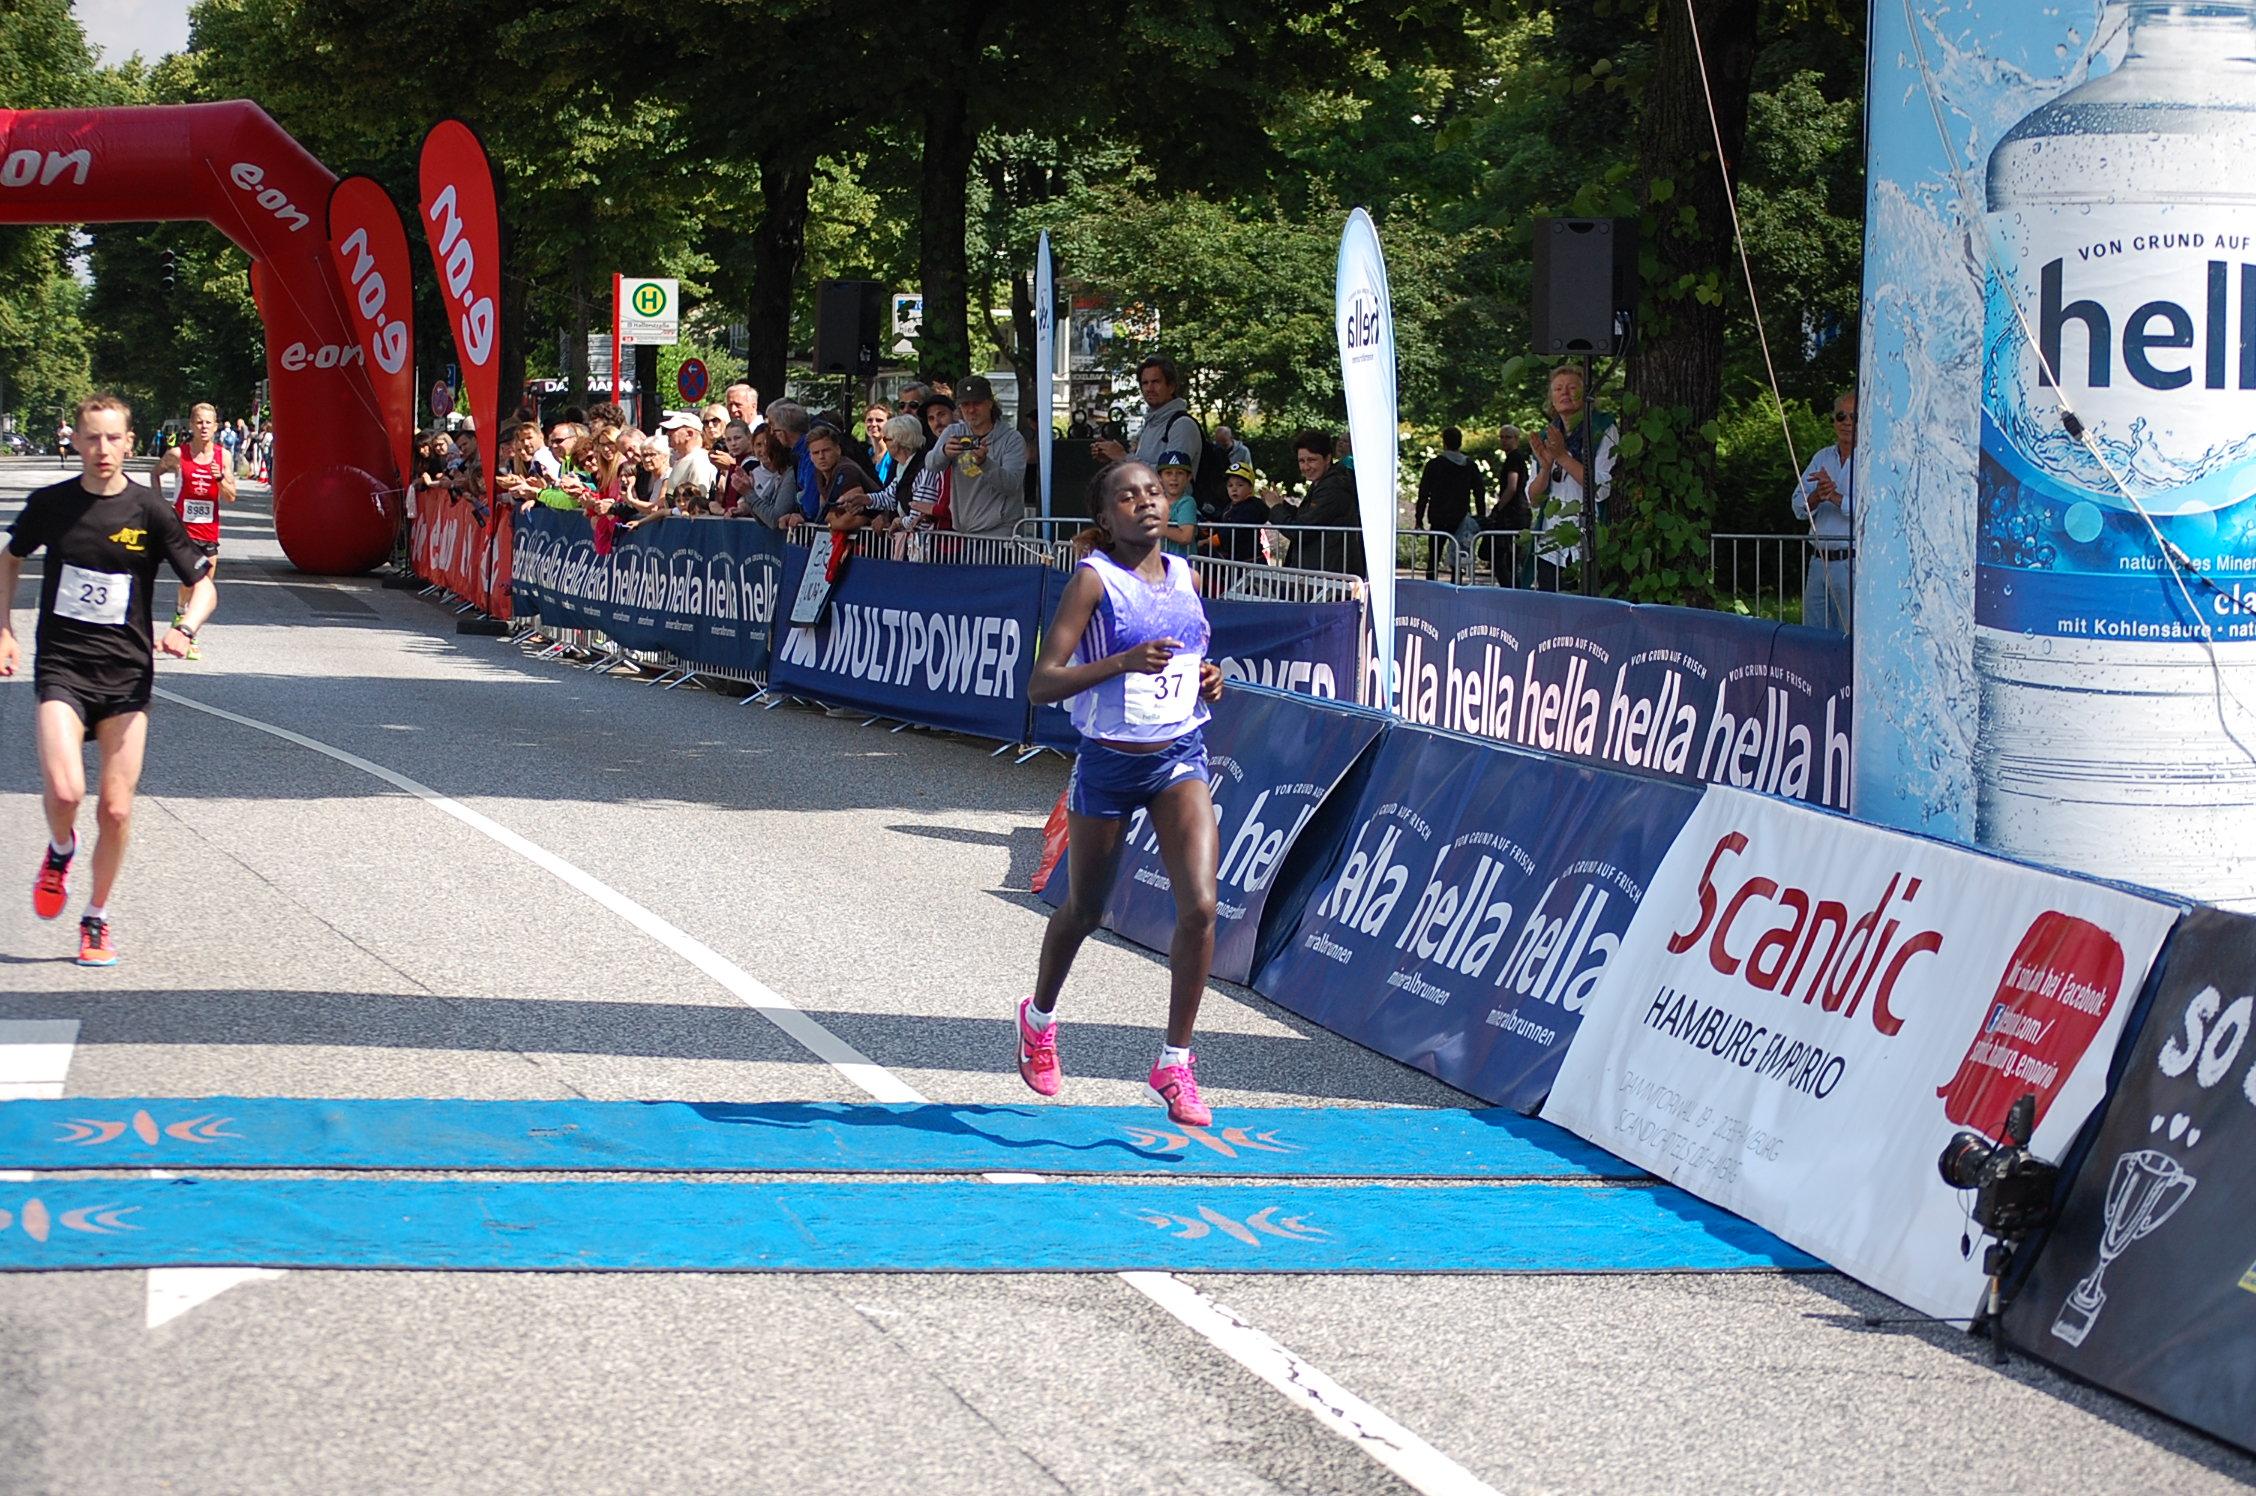 22. hella Halbmarathon: Zieleinläufe von der ersten Frau bis vor der ersten Deutschen